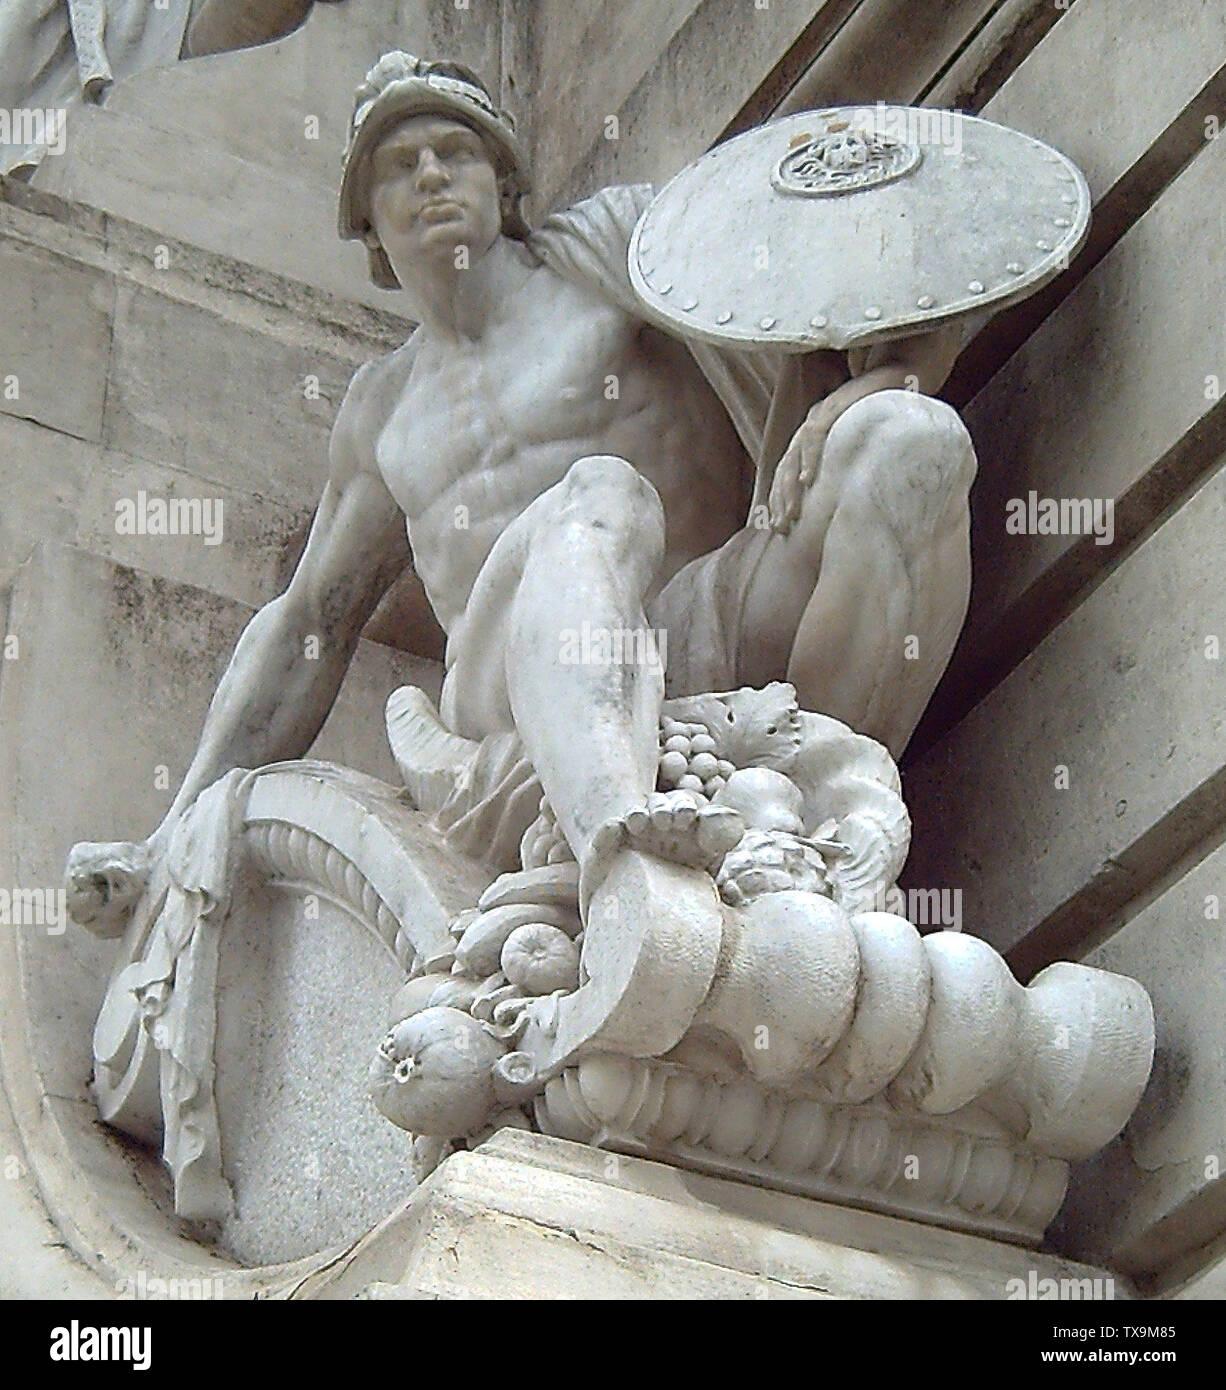 """""""Inglés: Valor Militar. La escultura de piedra por Lorenzo Coullaut (1876-1932). Detalle del monumento a Cervantes (1925-30, 1956-57) en la Plaza de España (Plaza de España) en Madrid (España). Español: Valor Militar. Escultura en piedra realizada por Lorenzo Coullaut (1876-1932). Detalle del monumento a Cervantes (1925-30, 1956-57) de la Plaza de España de Madrid (España); 18 de mayo de 2006; el propio trabajo; Luis García (Zaqarbal); ' Imagen De Stock"""